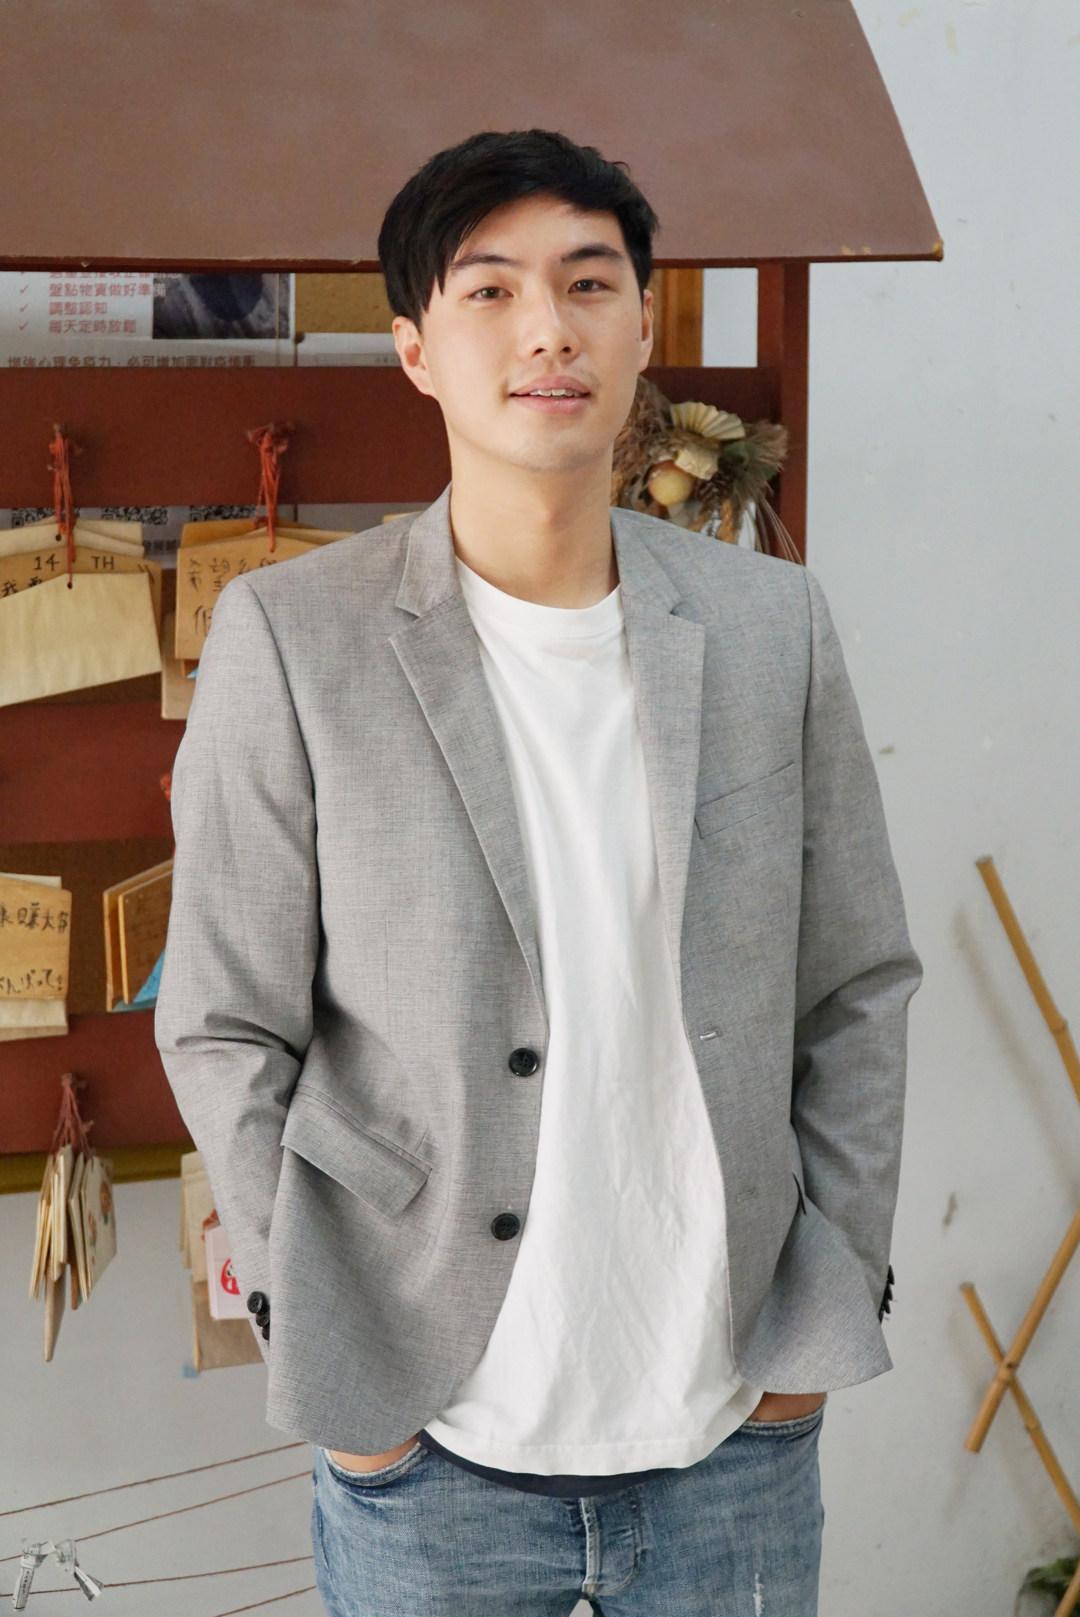 大葉大學應日系姜勁熠  榜首錄取研究所-大葉大學